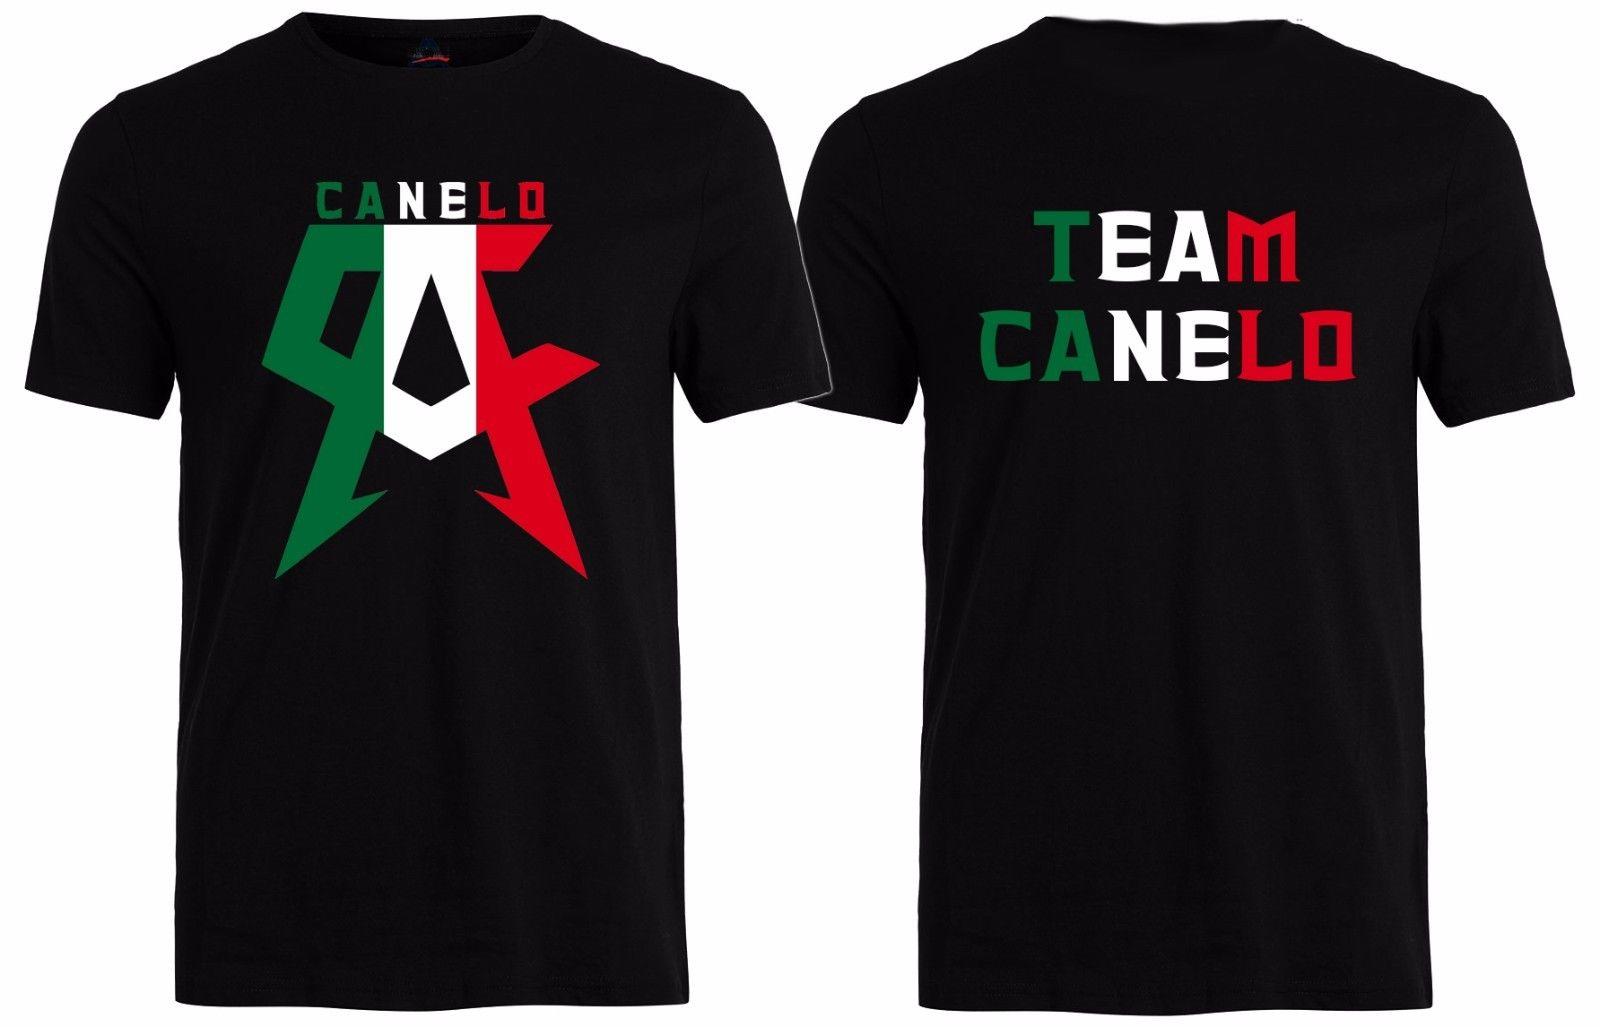 Camiseta Unisex del equipo Canelo bandera de México inspirado en el campeonato...